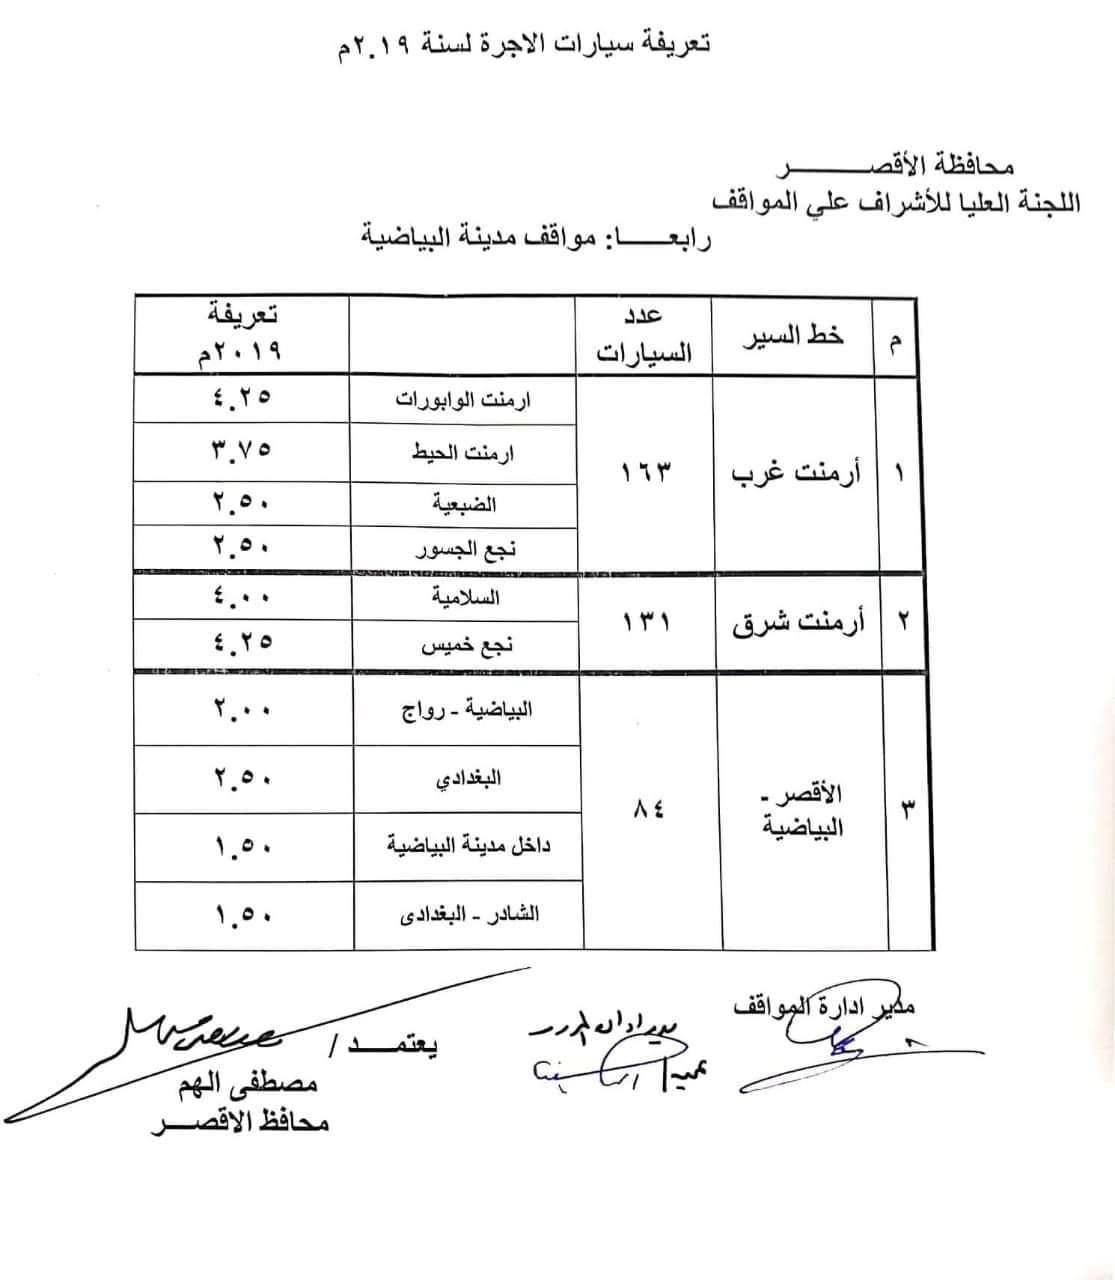 ننشر التعريفه الجديده للمواصلات داخل وبين المدن المصرية بعد زياده اسعار الوقود بجميع المحافظات FB_IMG_1562330345102